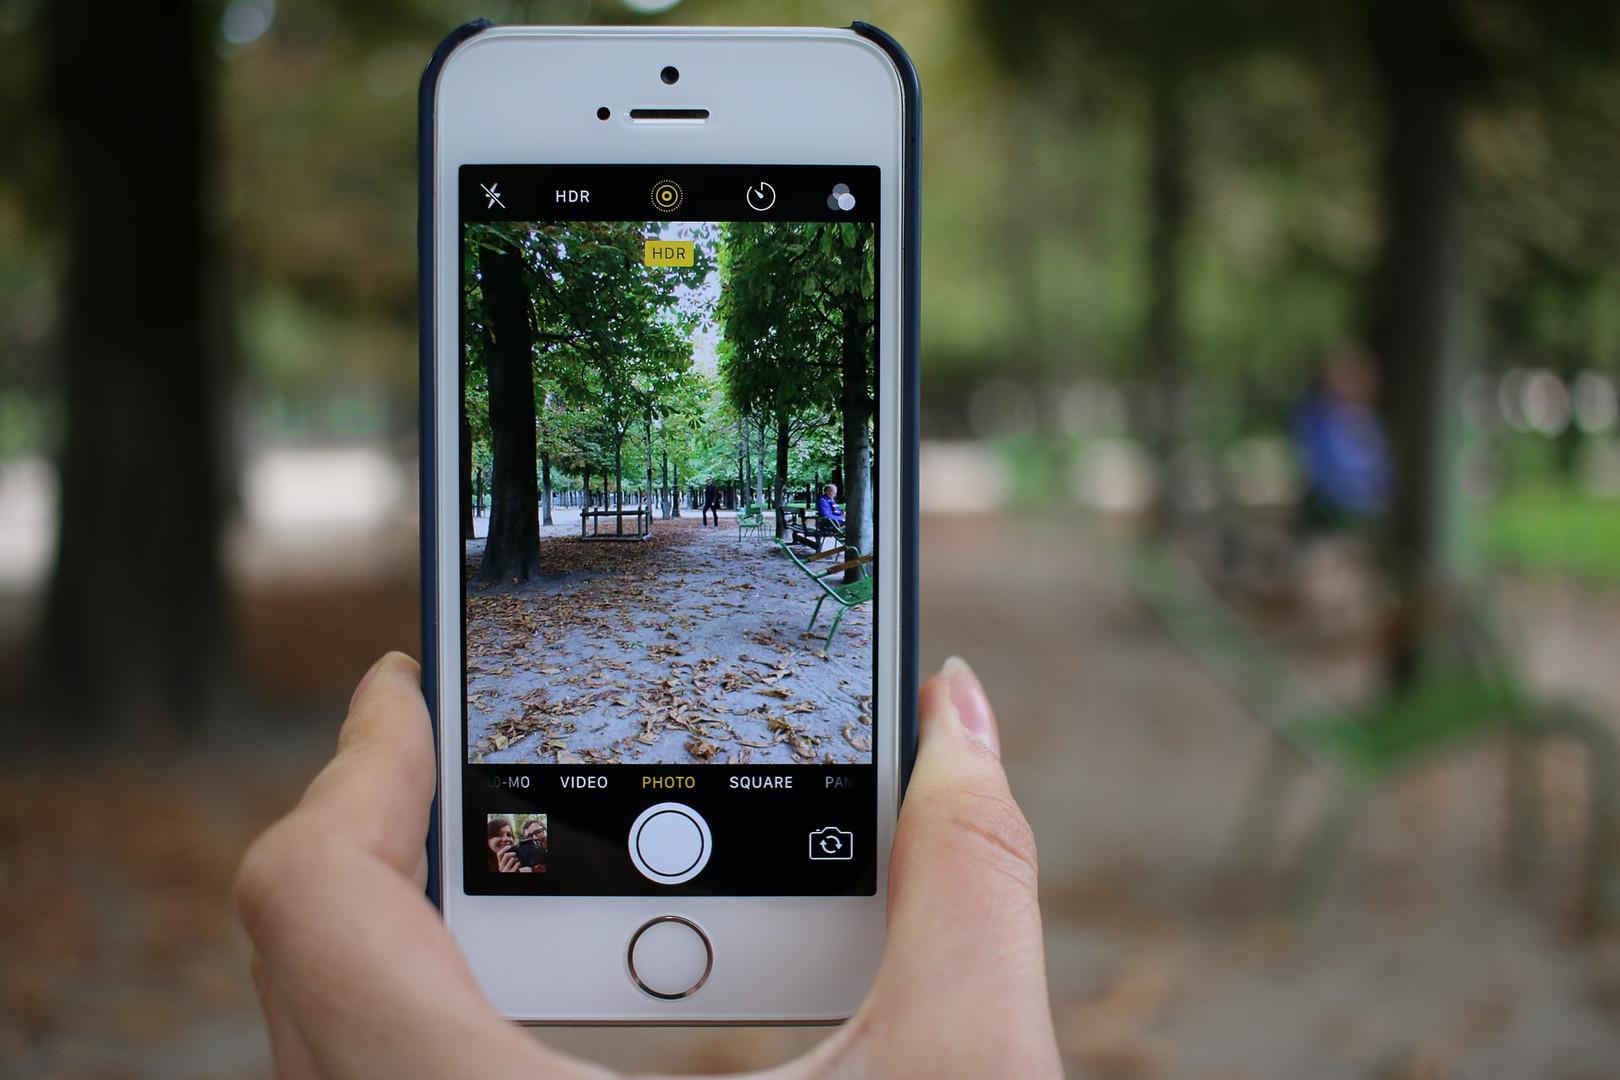 Jeu de piste sur smartphone pour découvrir Paris et le Jardin des Tuileries